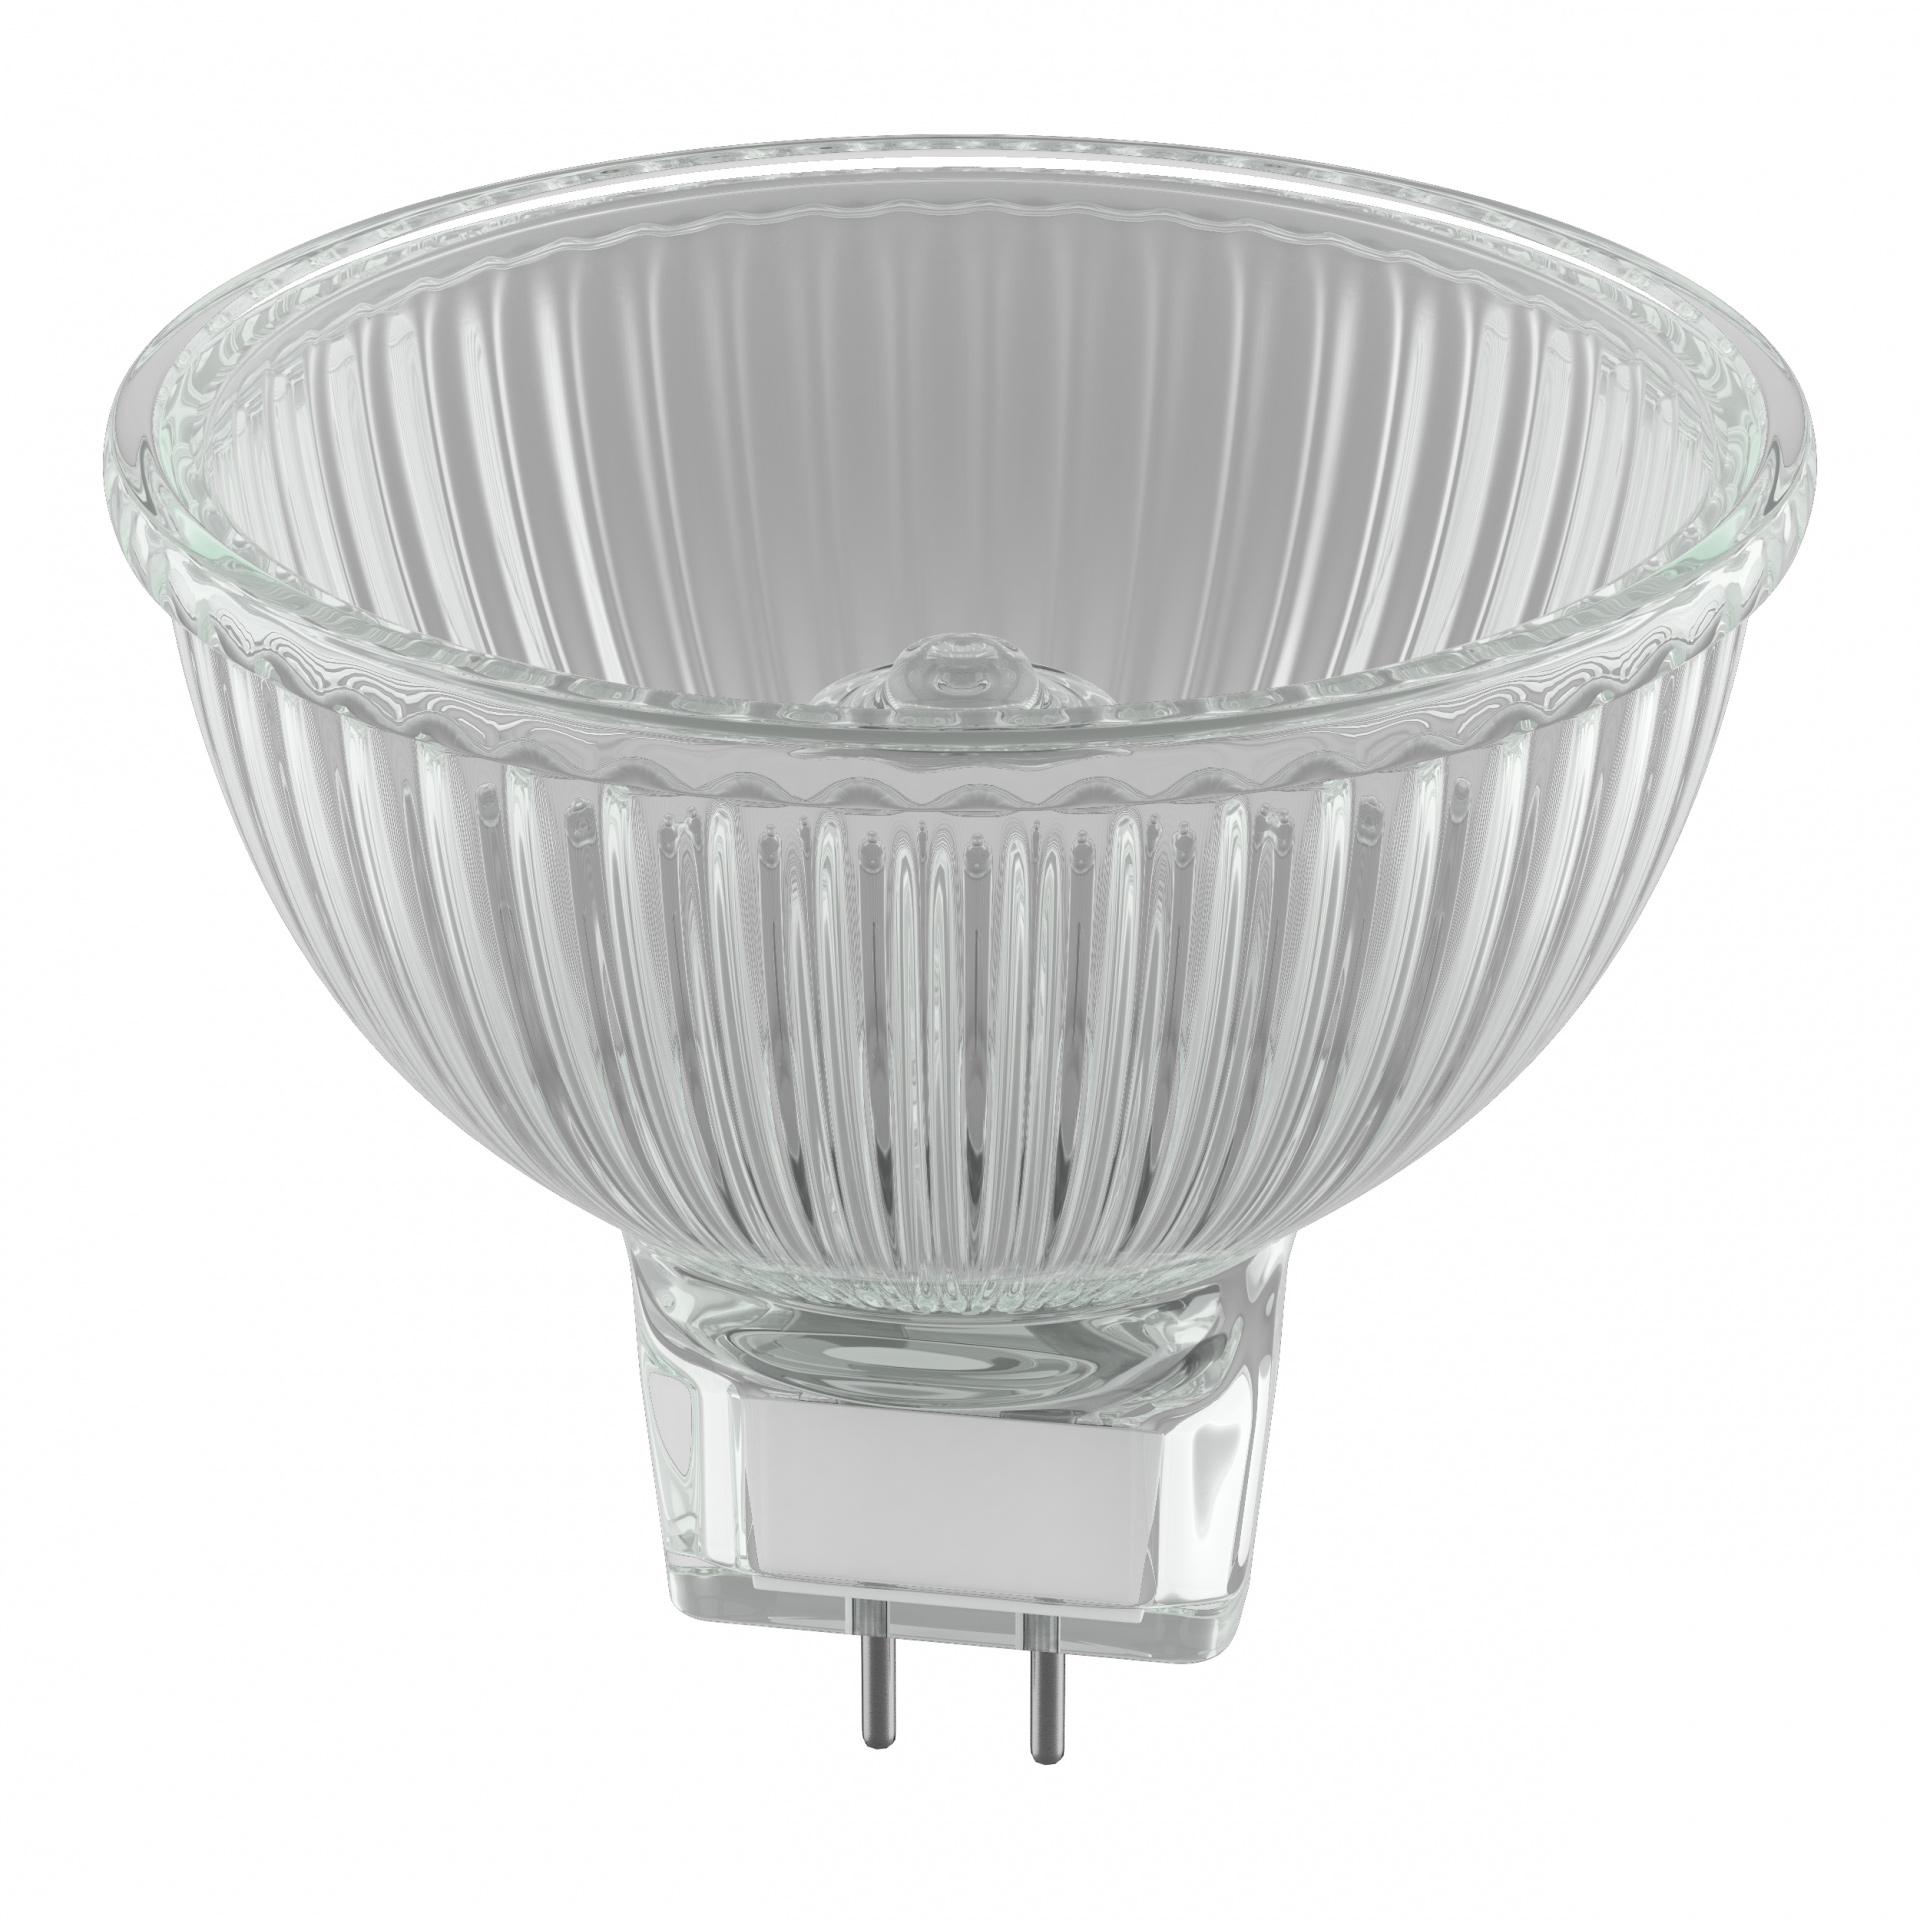 Лампа HAL 220V MR16 G5.3 50W CL RA100 2800K 2000H DIMM Lightstar 922207, купить в СПб, Москве, с доставкой, Санкт-Петербург, интернет-магазин люстр и светильников Starlight, фото в жизни